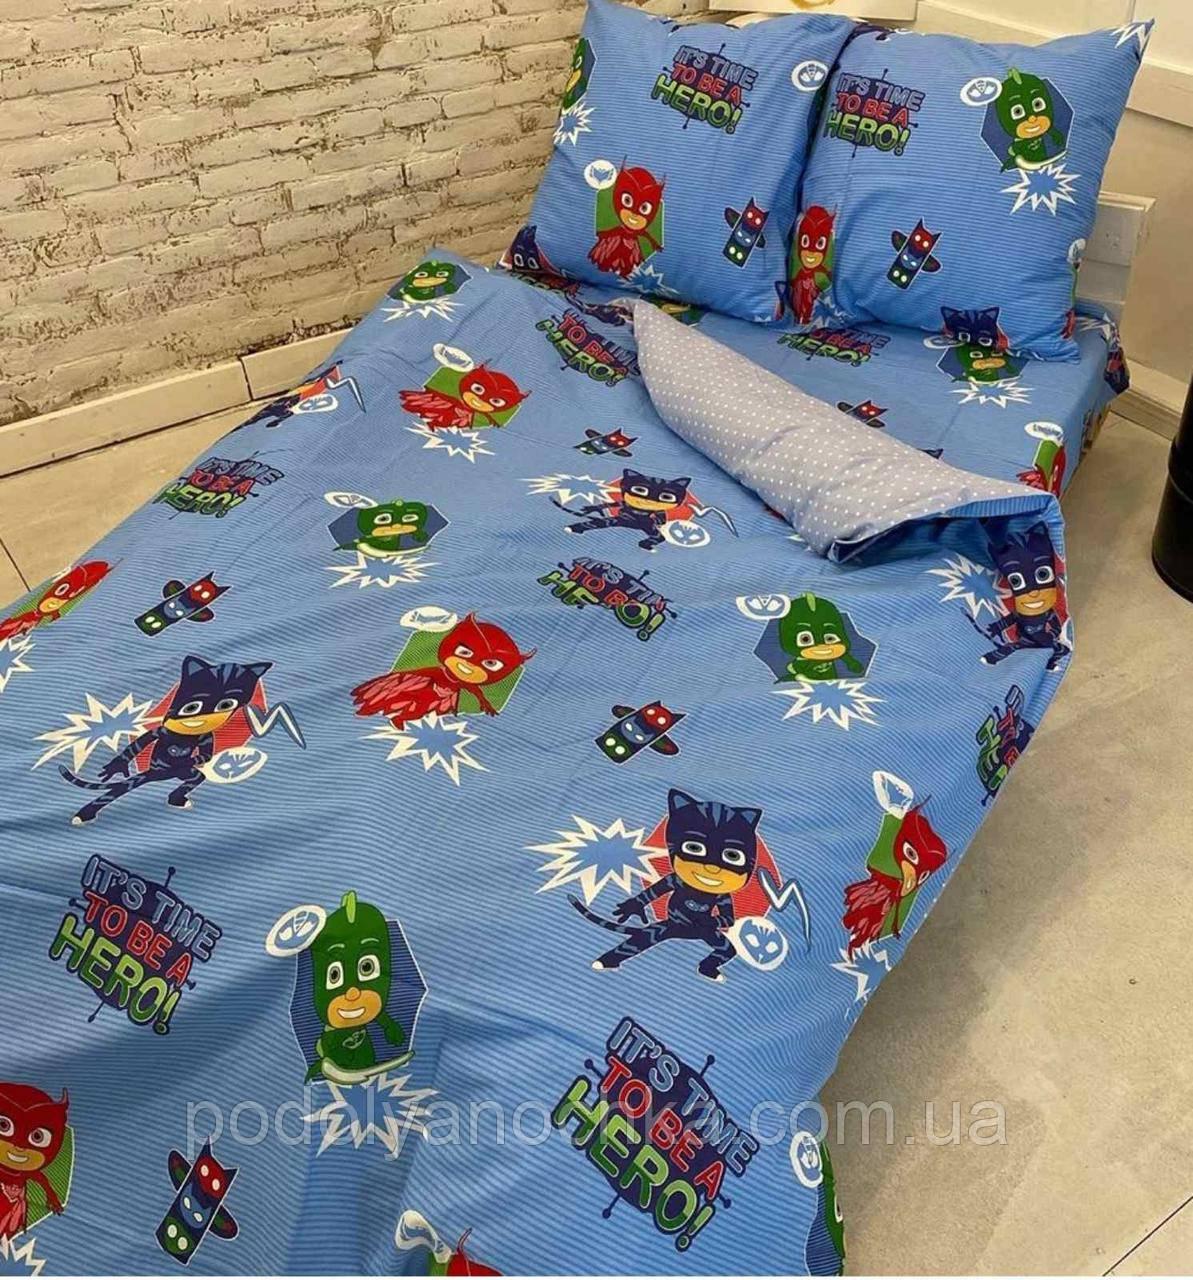 Комплект в дитяче ліжечко з бязі голд  люкс